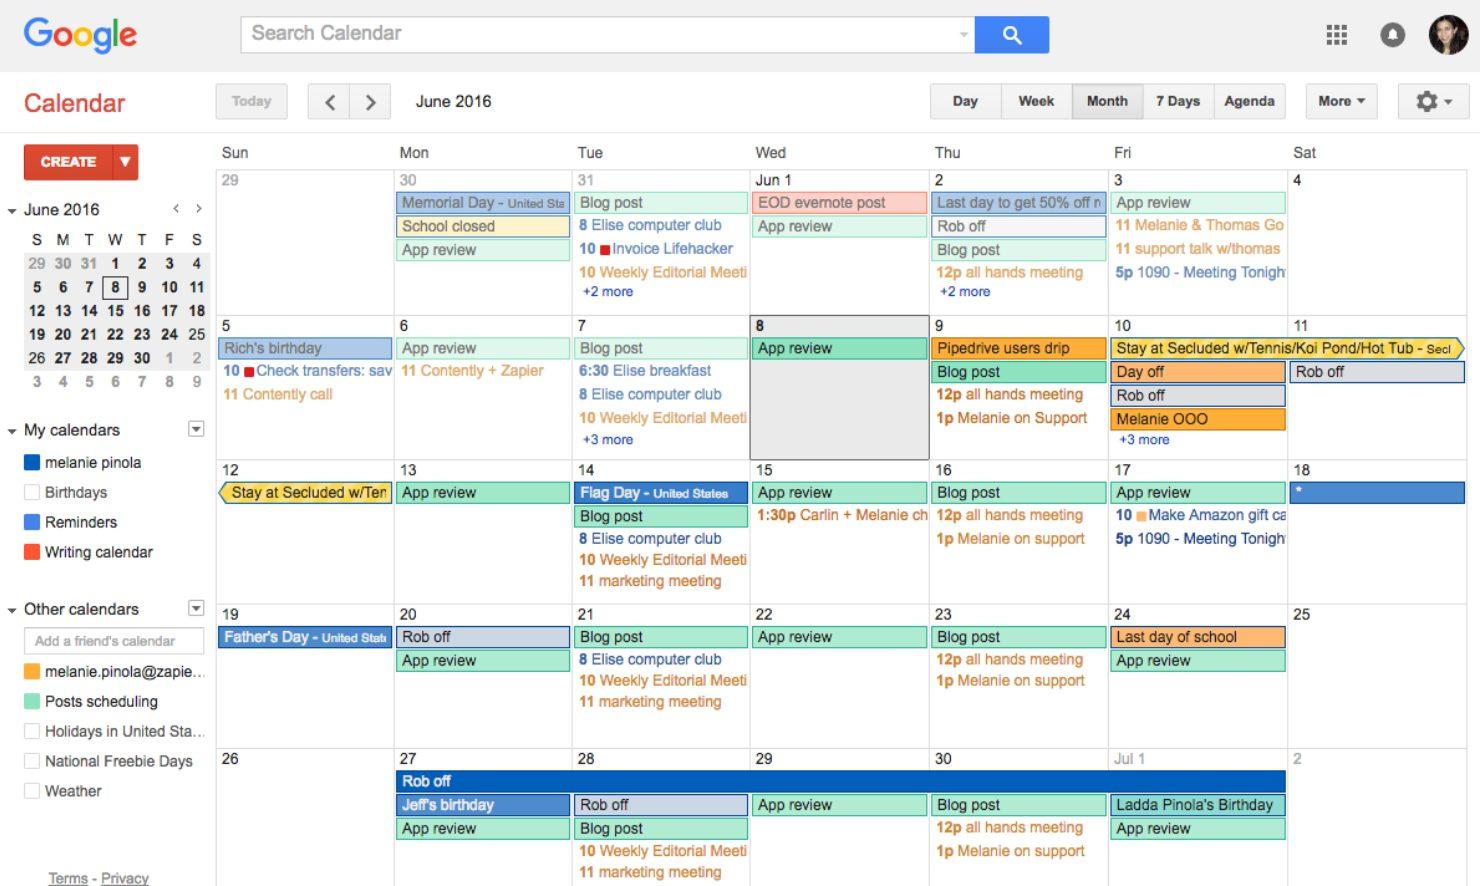 Статьи: 3 инструмента для самоорганизации. Календарь — отличный инструмент для планирования своего времени.